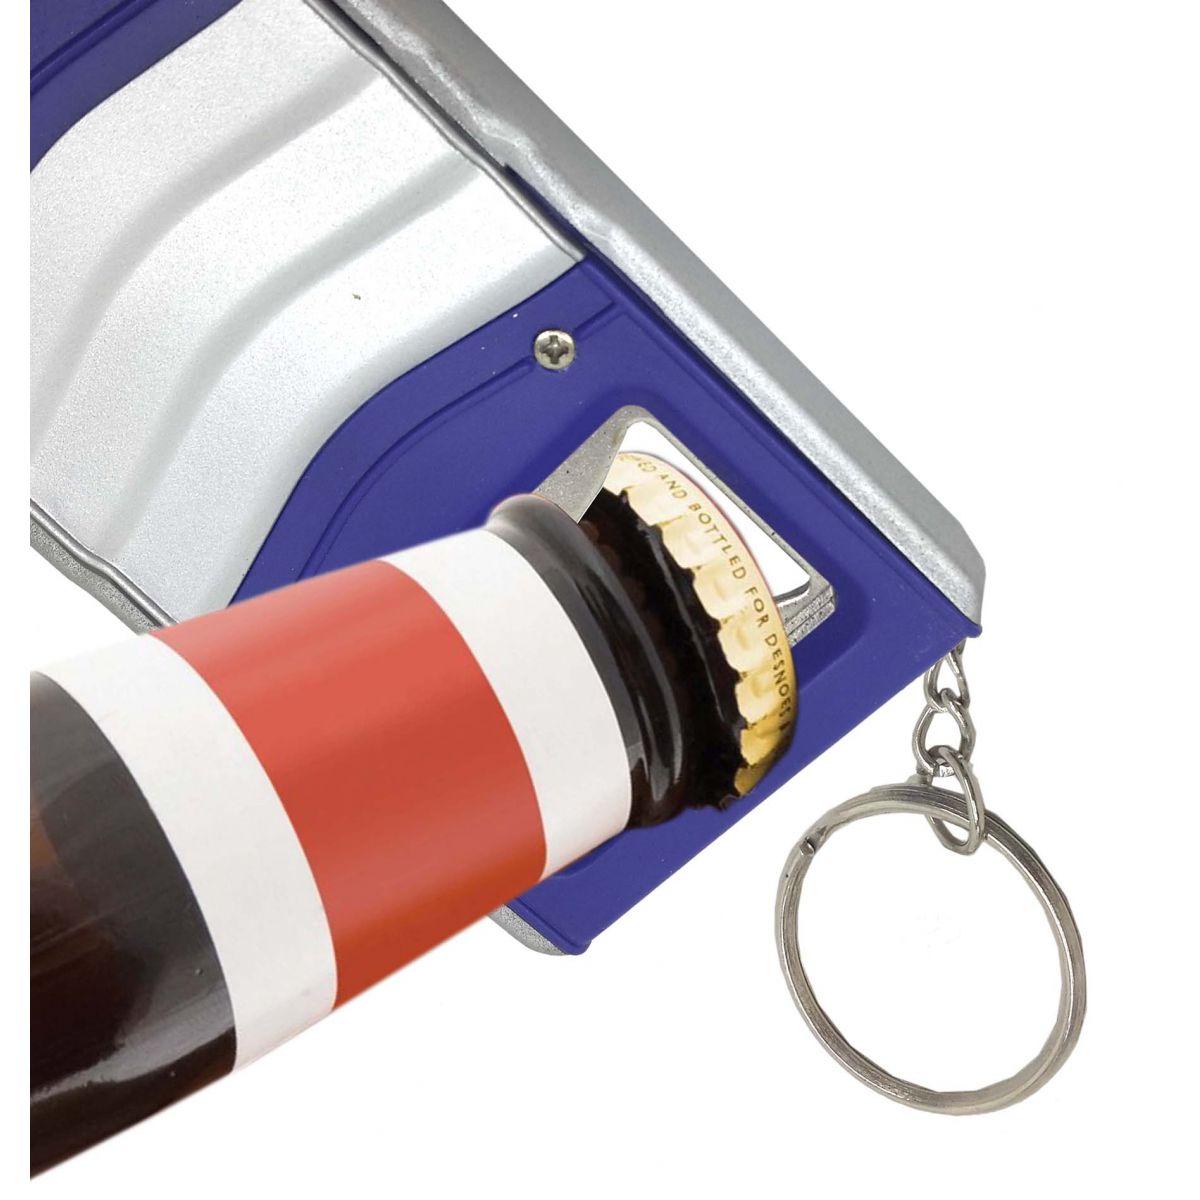 Chaveiro Abridor de Garrafa e Trena Retangular Prenda Brinde Box Com 24 Unid (BL-1503-26)